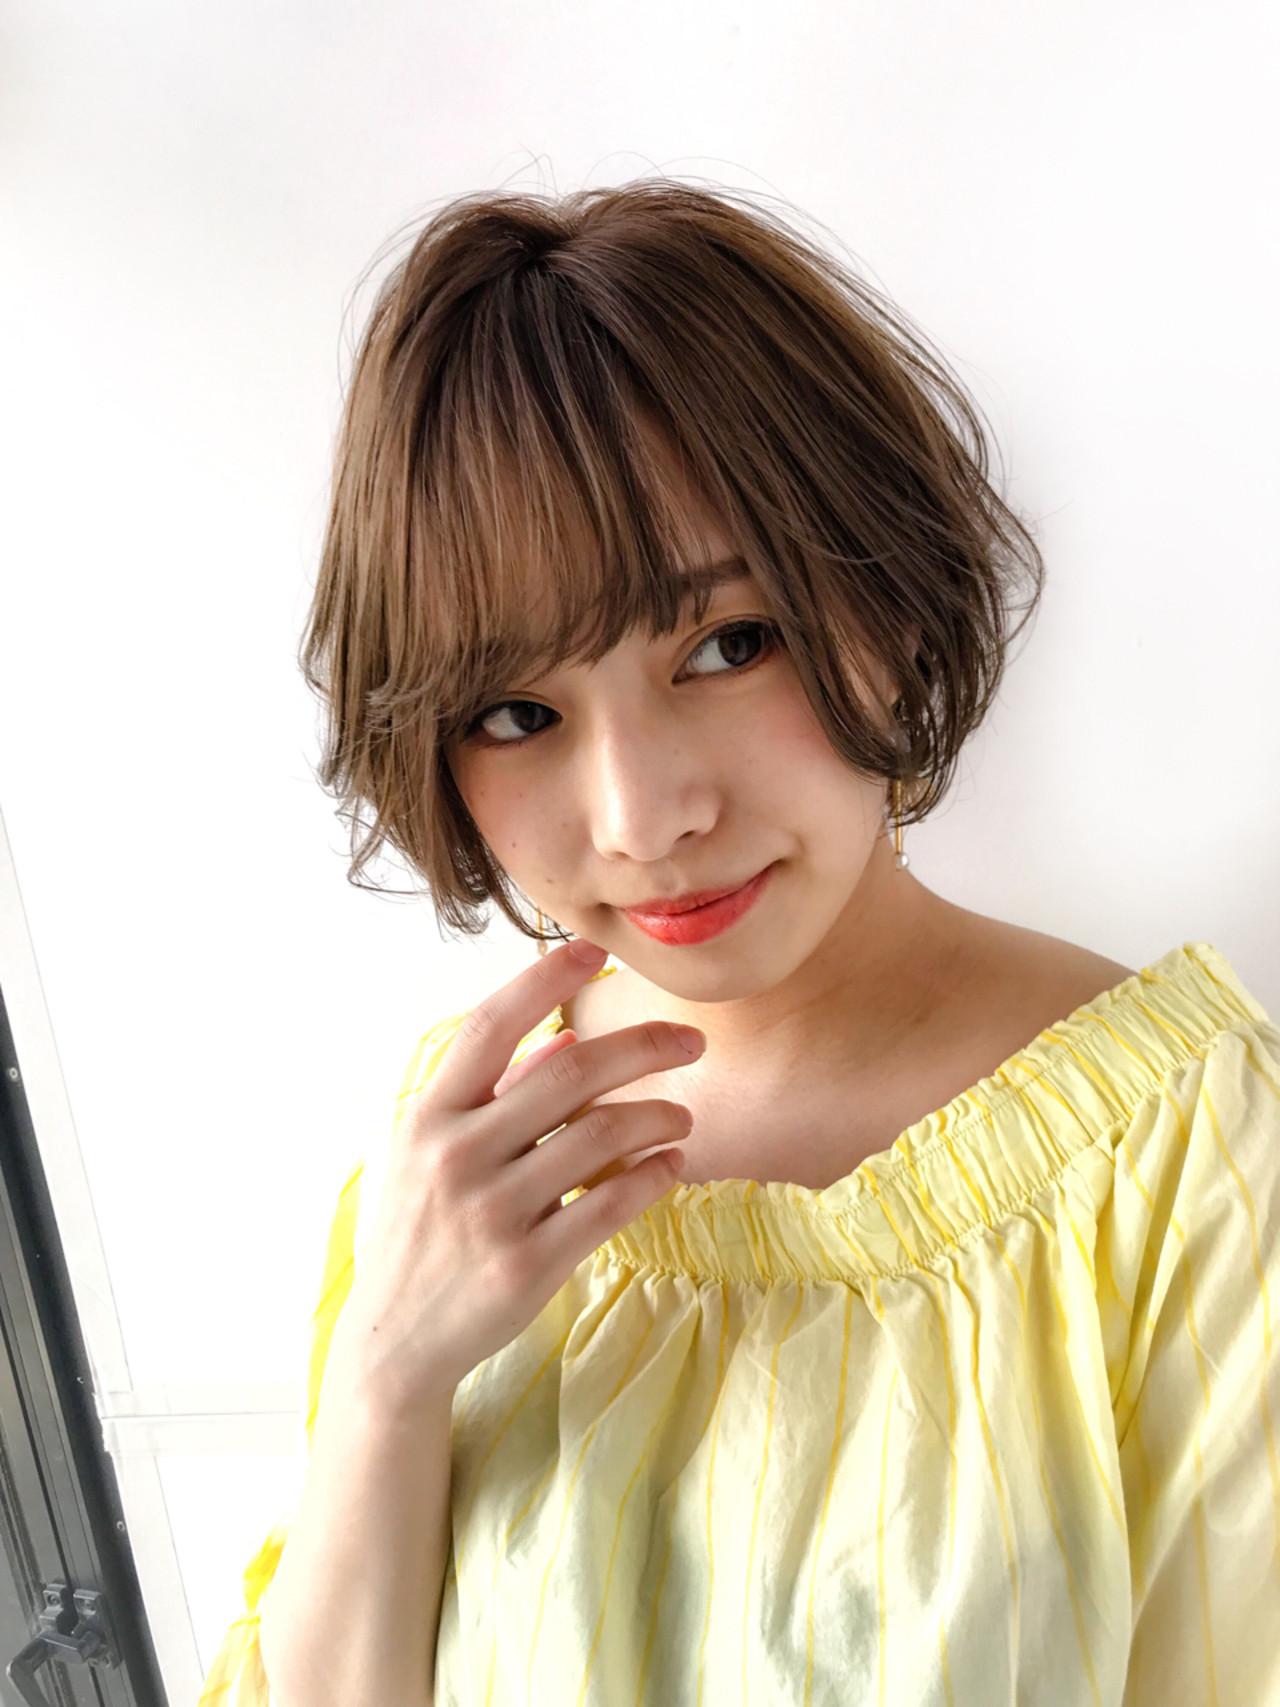 ショート 大人かわいい 前髪あり 大人女子 ヘアスタイルや髪型の写真・画像 | MANOHARU 新屋敷 / MANOHARU